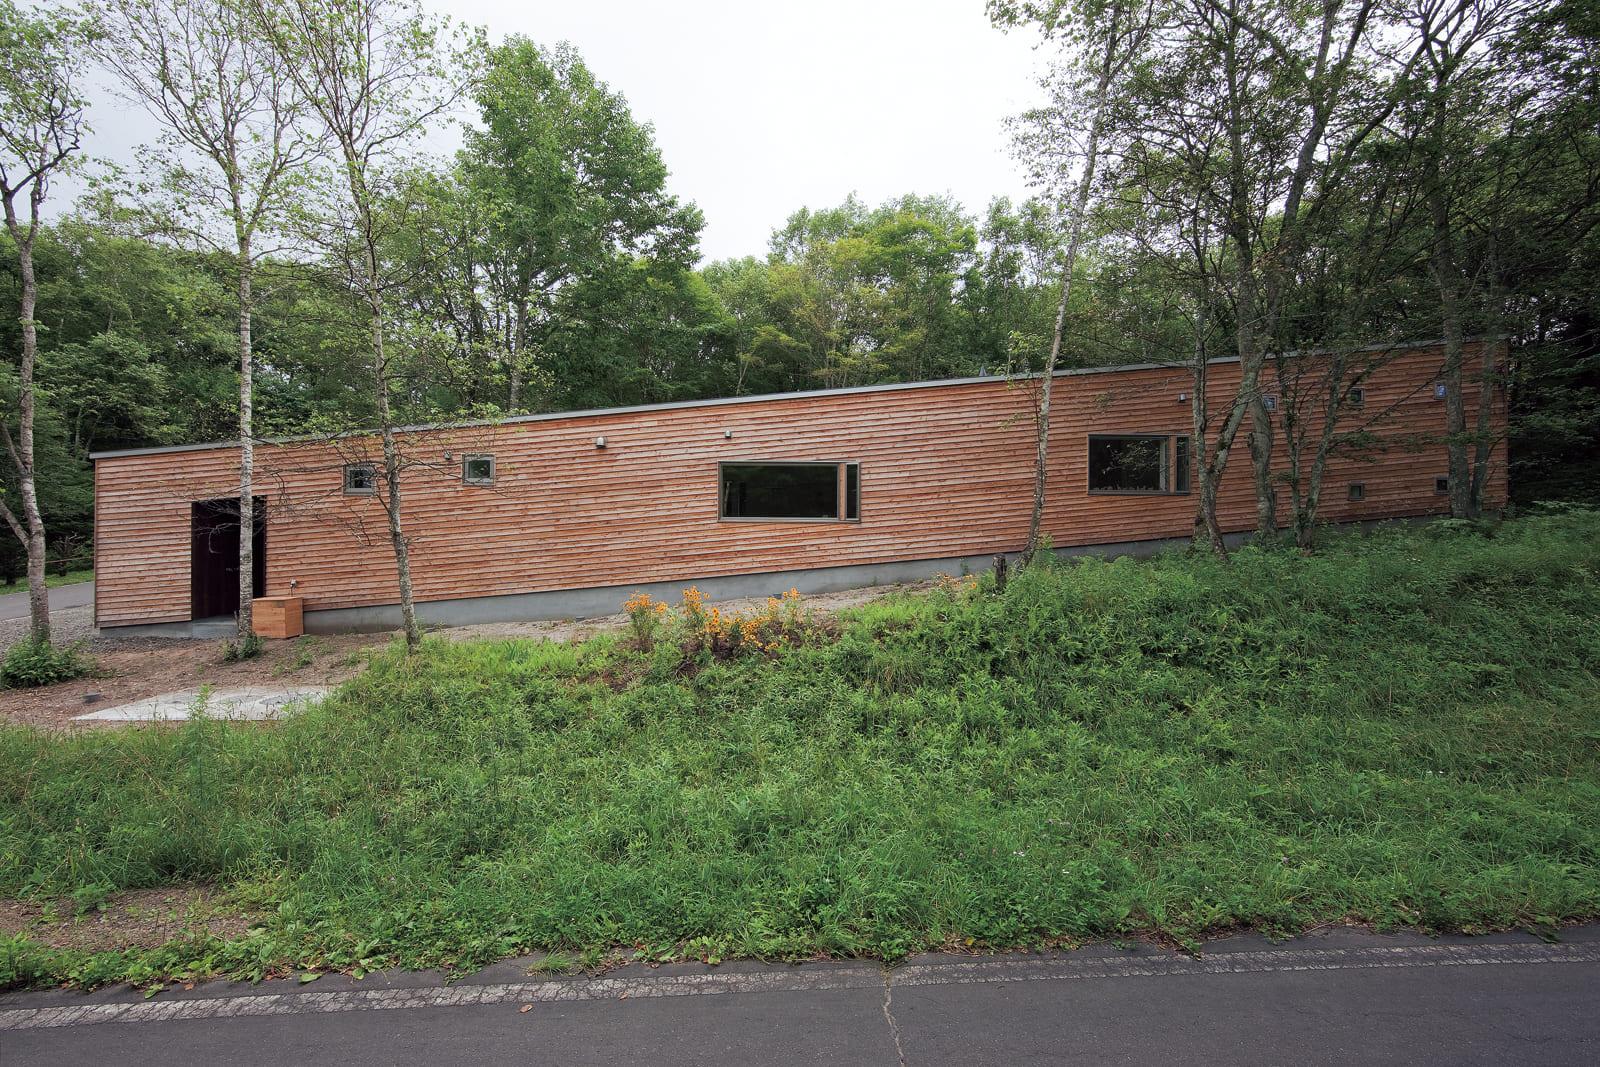 敷地の形状をそのまま生かし、土地なりに建てられた外観。豊かな緑に囲まれている